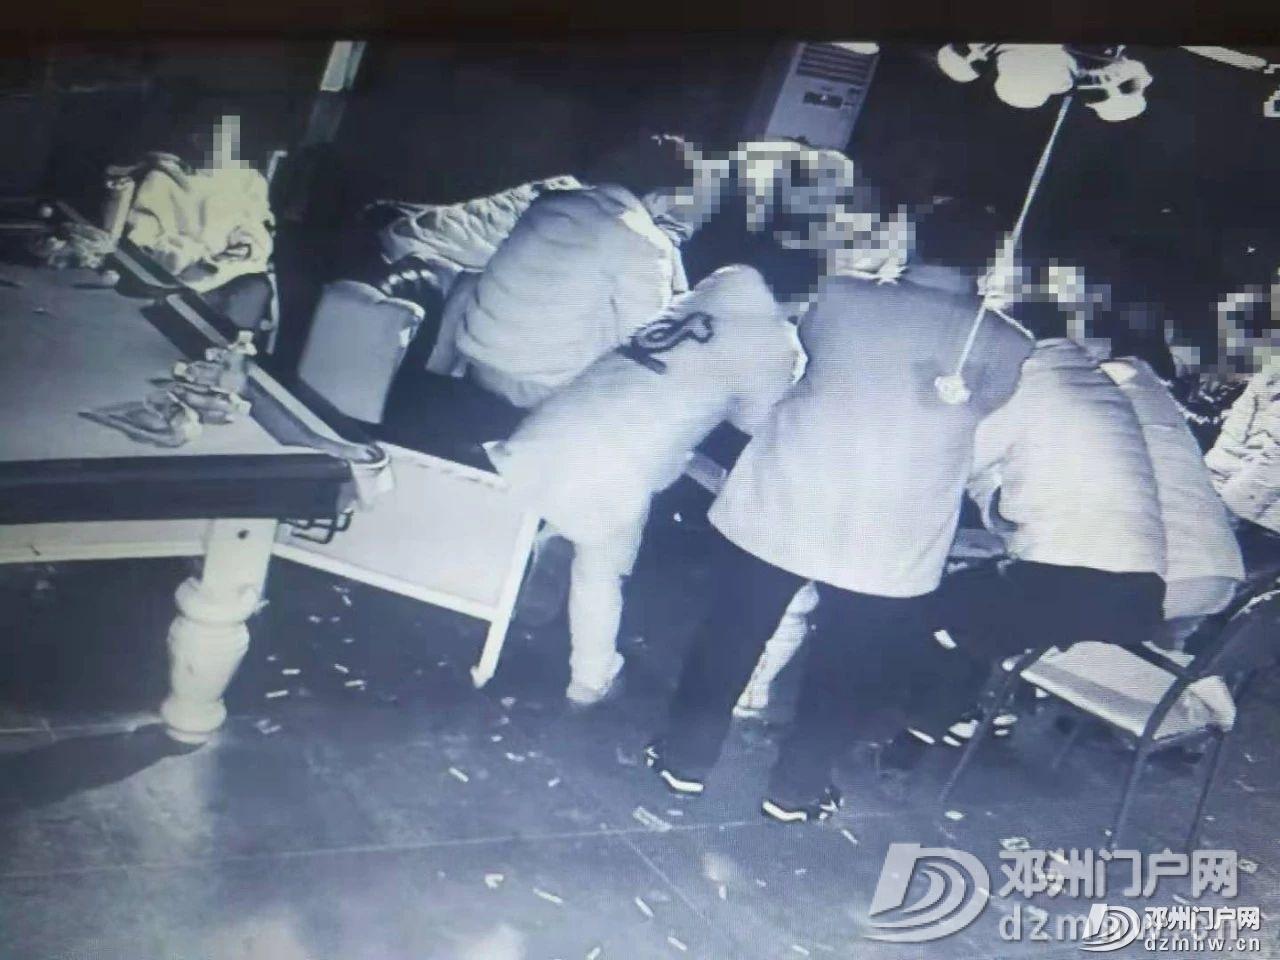 【平安守护】邓州文渠派出所联手特警大队捣毁一赌博窝点 12人被拘留 - 邓州门户网|邓州网 - 8ae147b0e41494d3d98927a22745e398.jpg